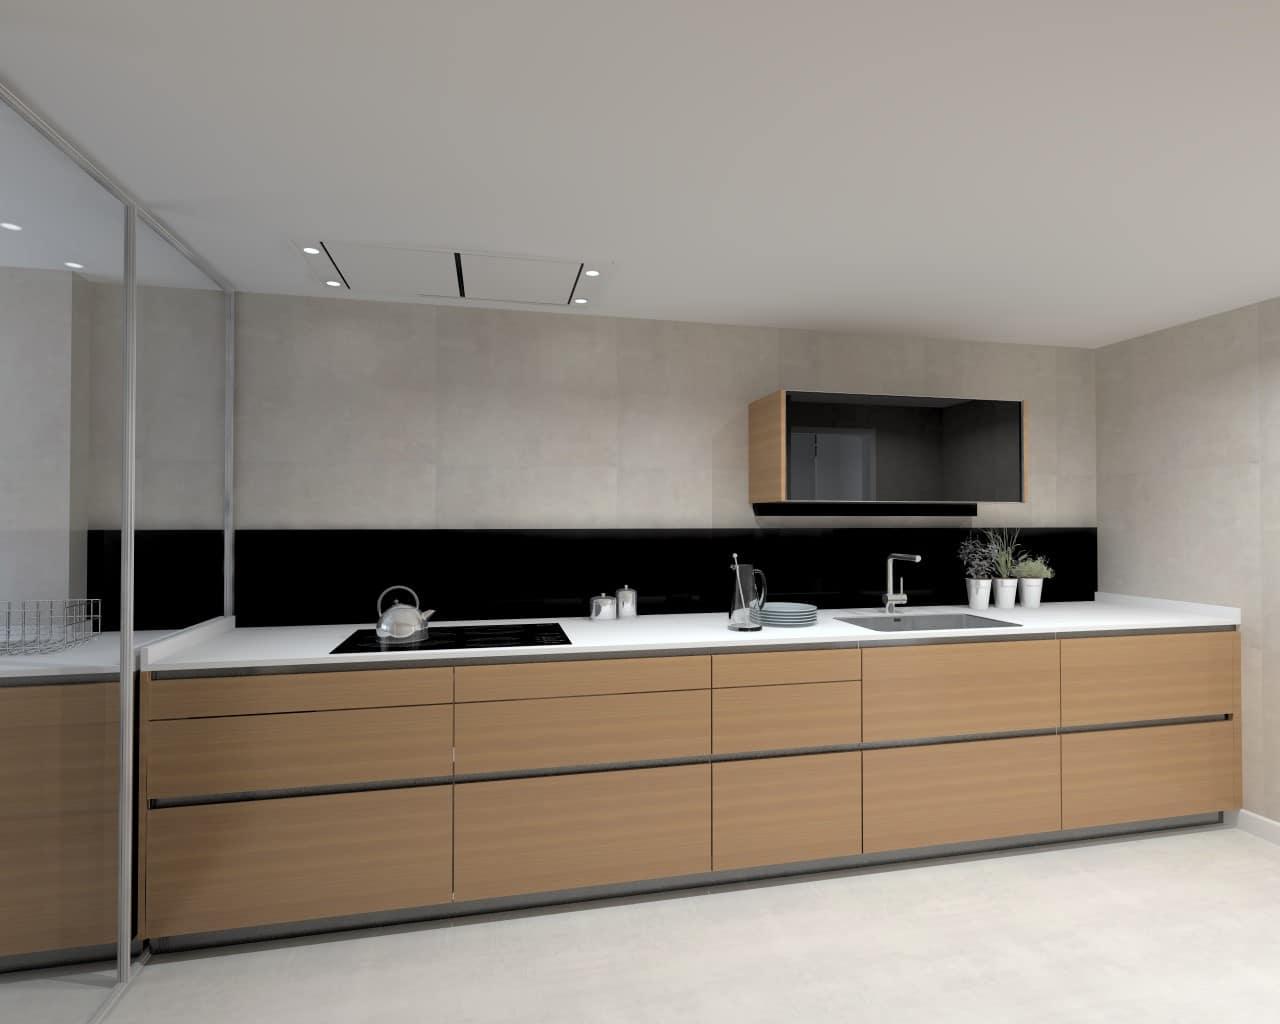 Una cocina de dise o r stico y moderno estudio cocinas dc - Cocinas diseno moderno ...